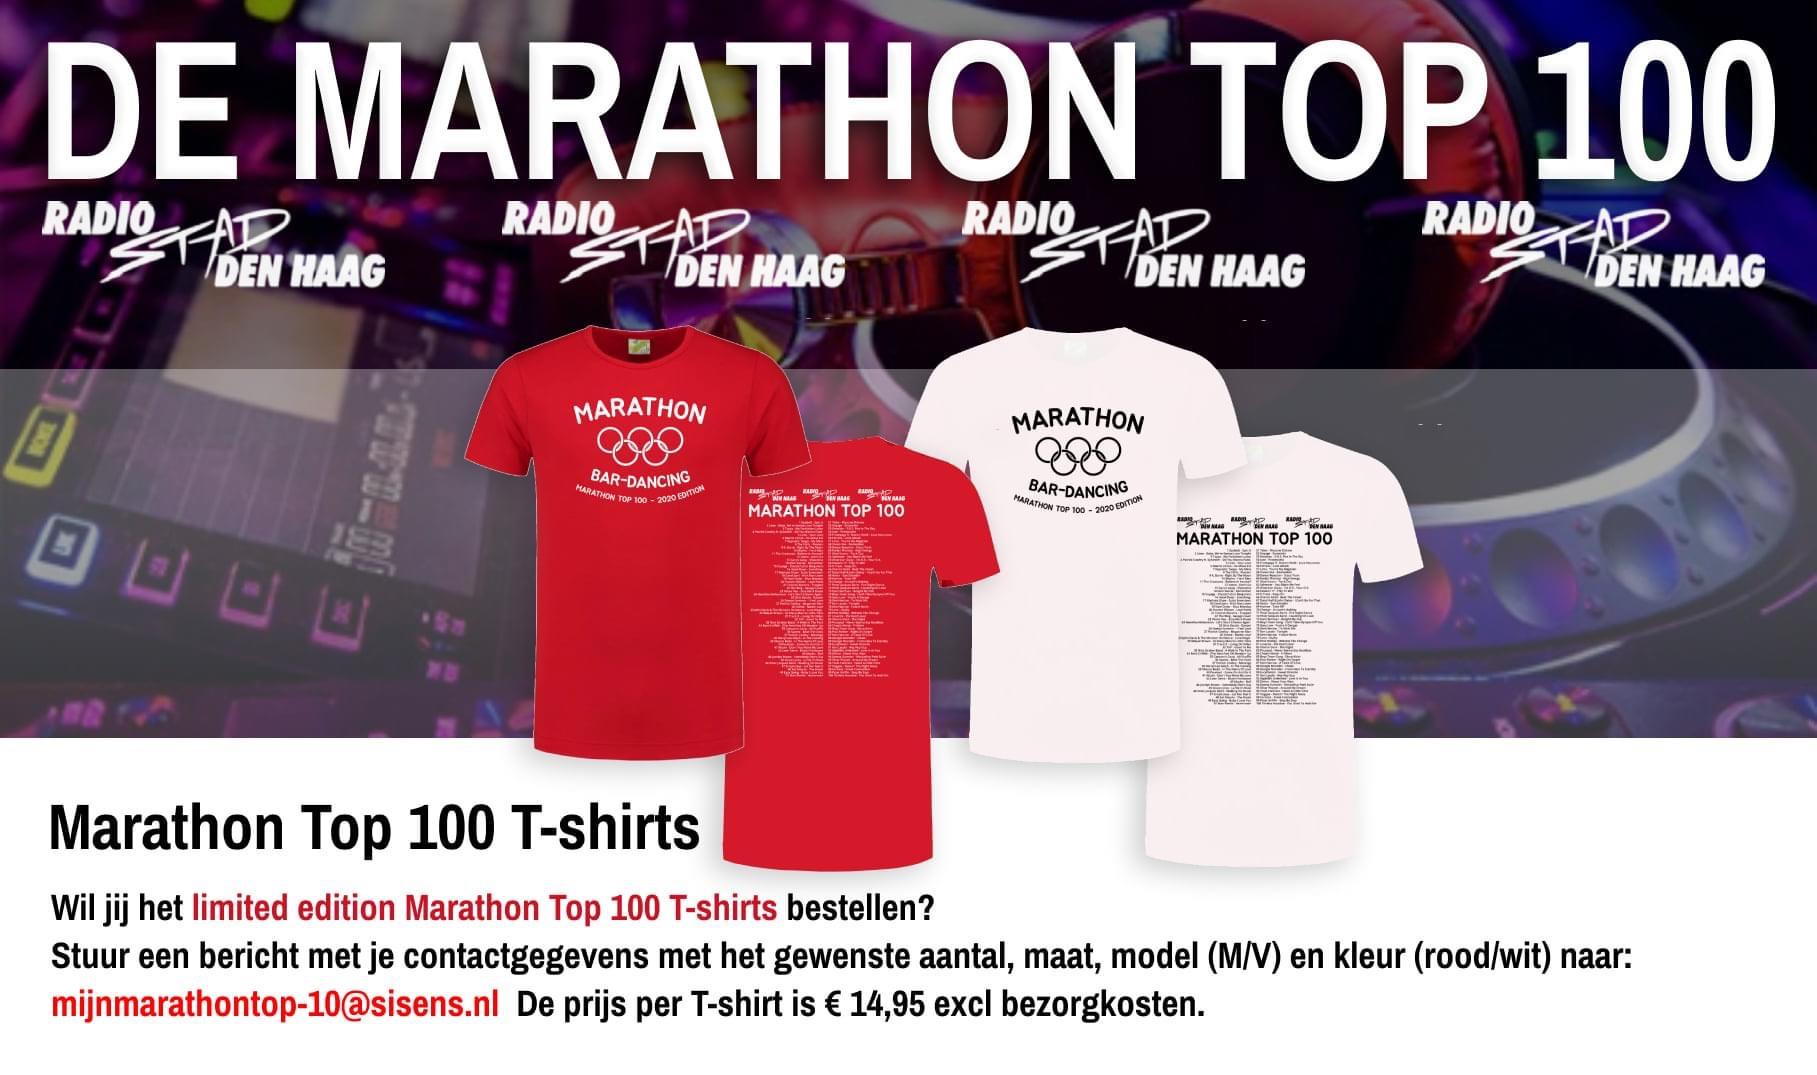 Voorbeeld EvenT-shirt